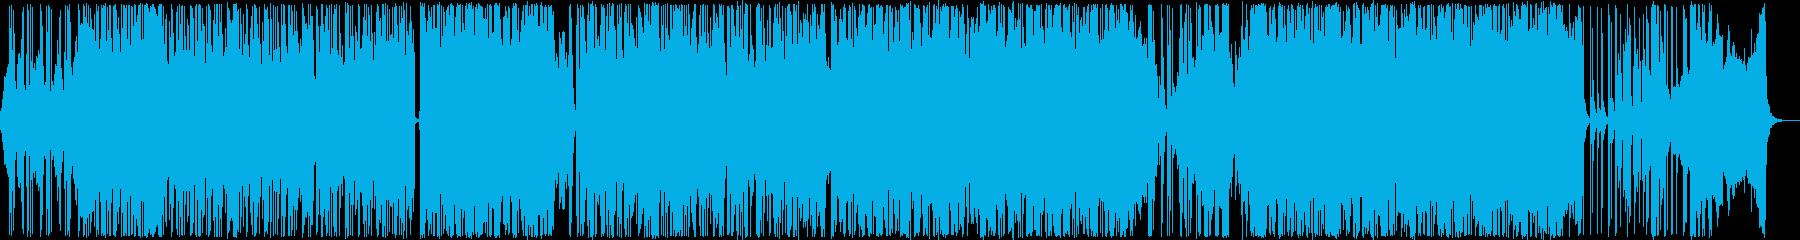 コマーシャル用の音楽。バラード。の再生済みの波形